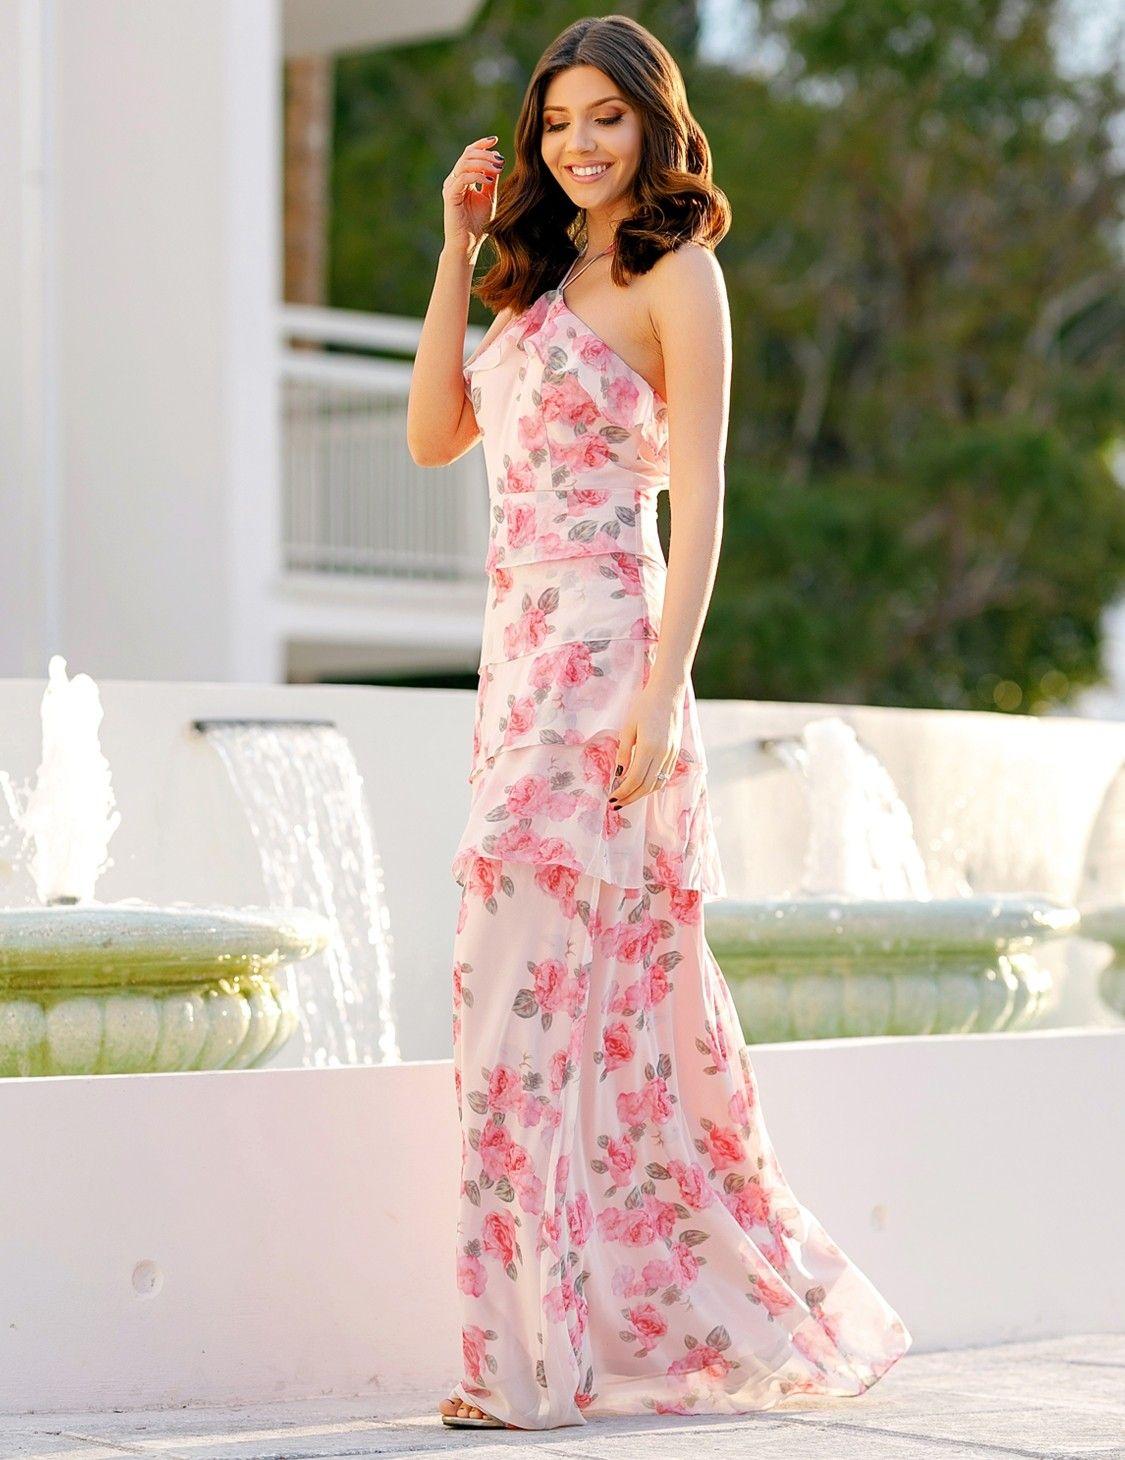 Floral Print Halter Maxi Dress Maxi Dress Wedding Guest Maxi Bridesmaid Dresses Maxi Dress [ 1460 x 1125 Pixel ]